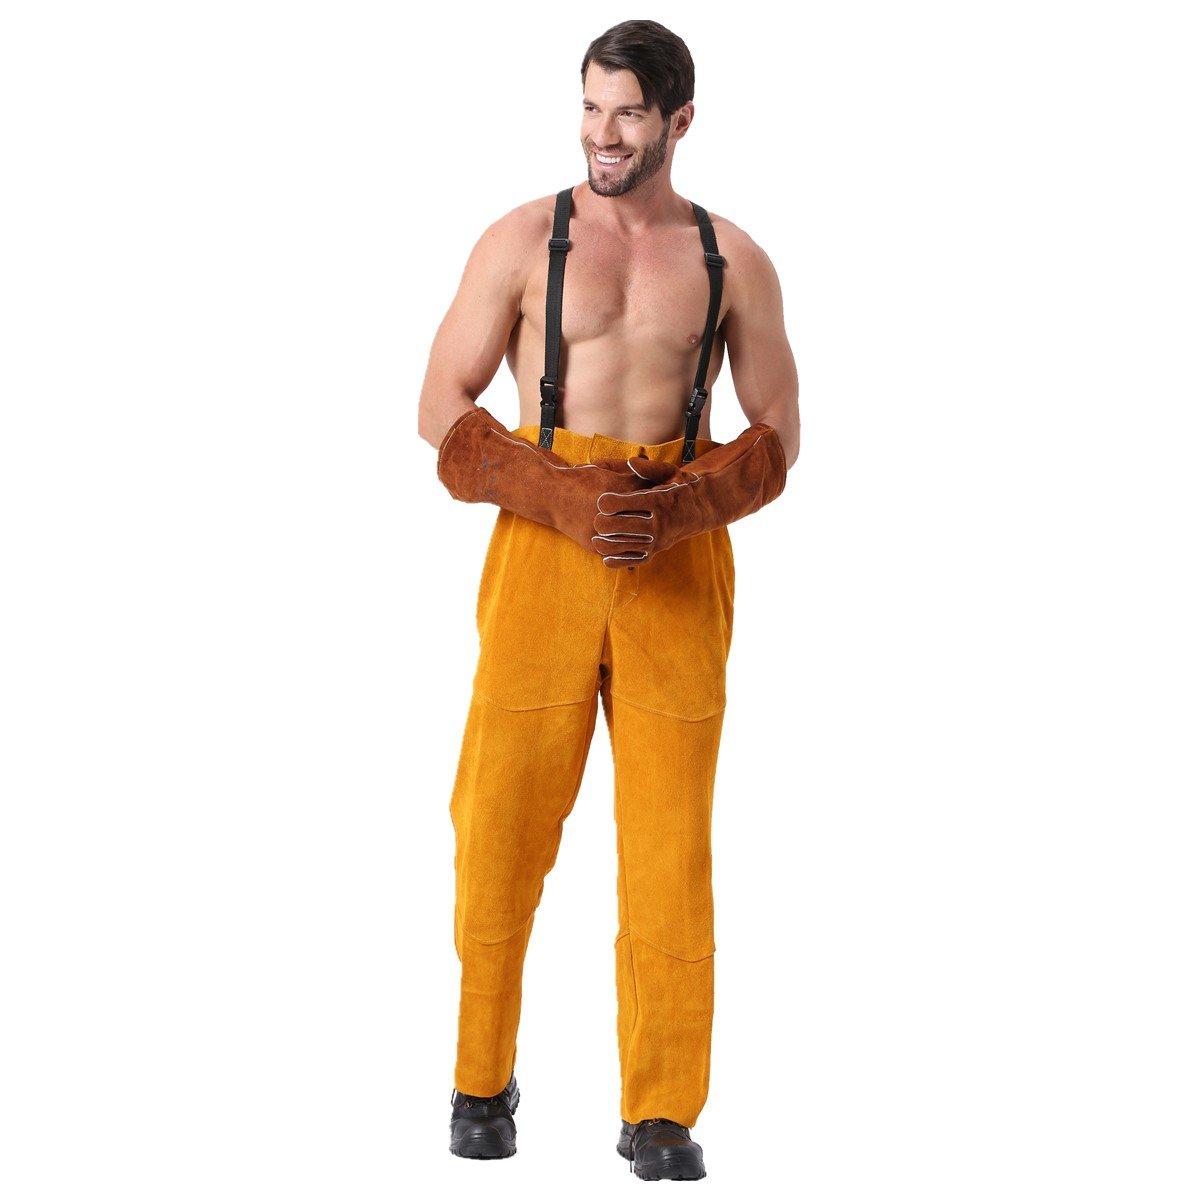 Pantalones de soldadura de cuero Calor de llamas Resistente a la abrasión Trabajador de cuero de vaca Brujas Romper Soldadura Protección Pantalones ...